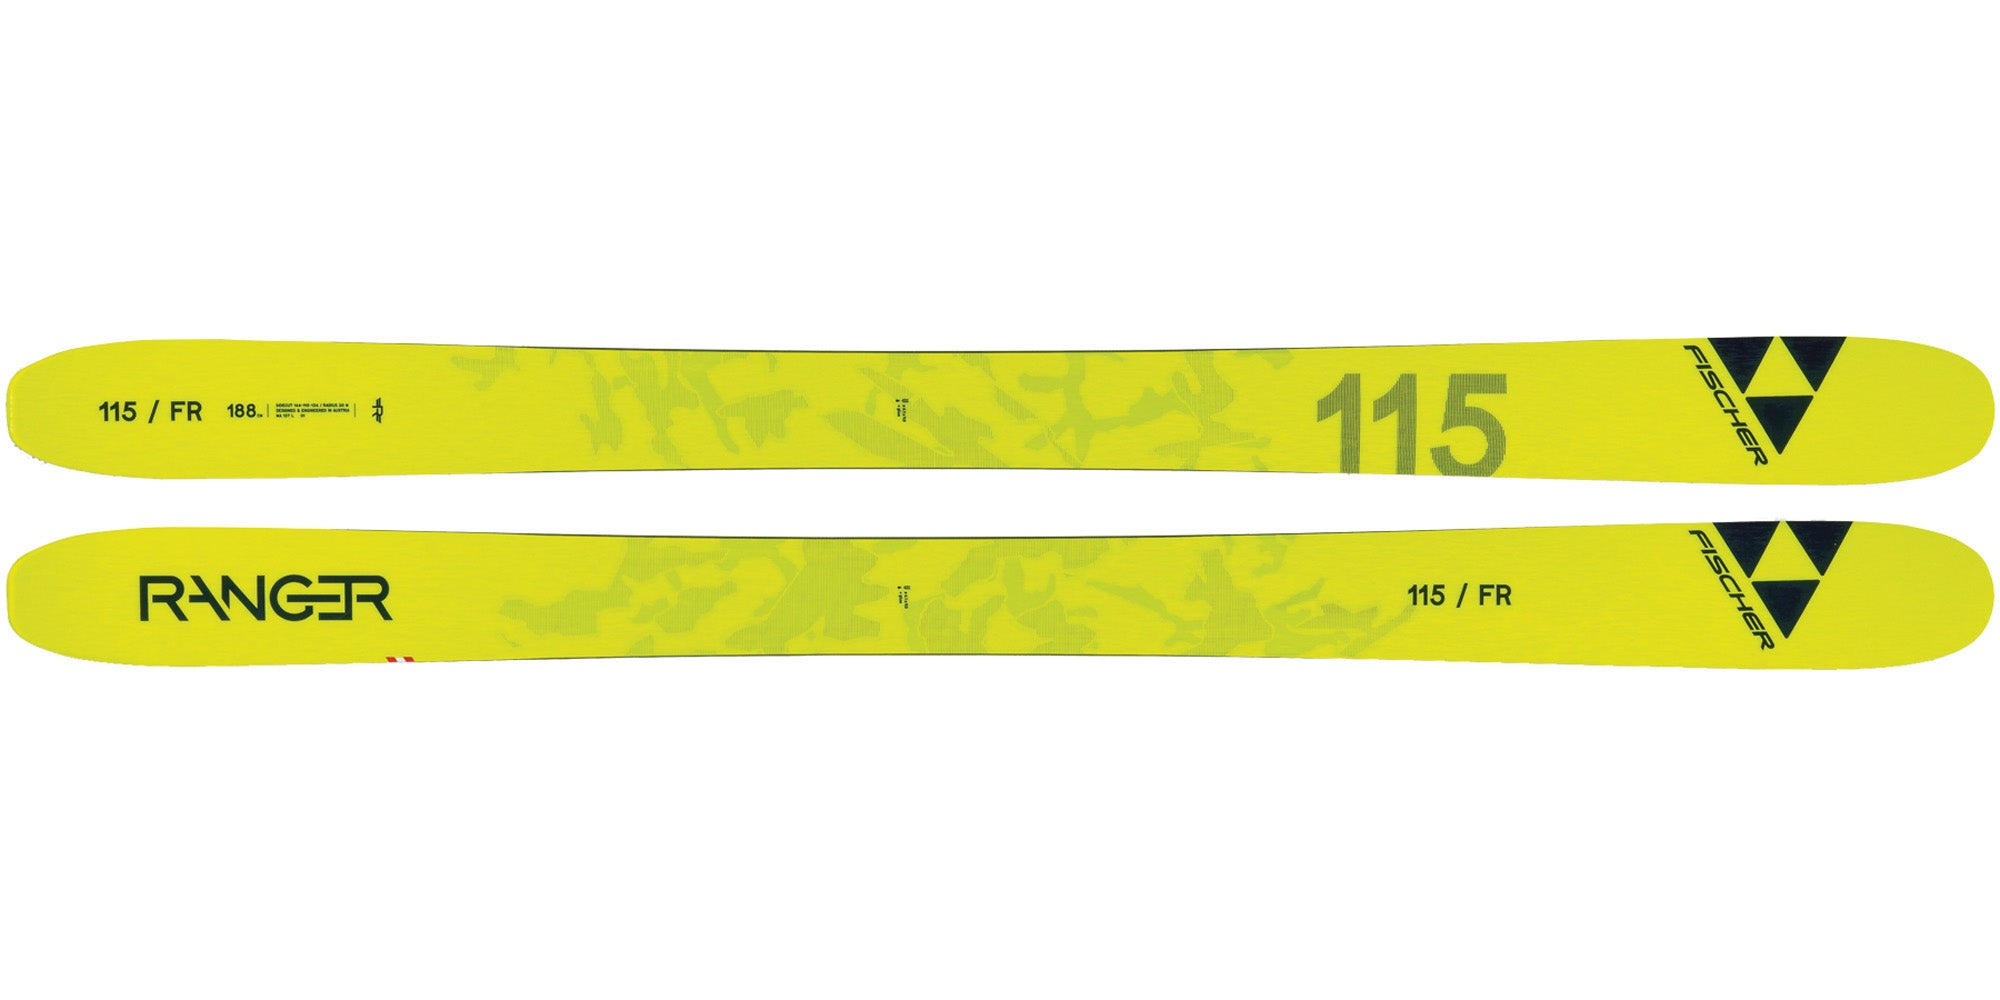 2021 Fischer Ranger 115 FR deep snow ski